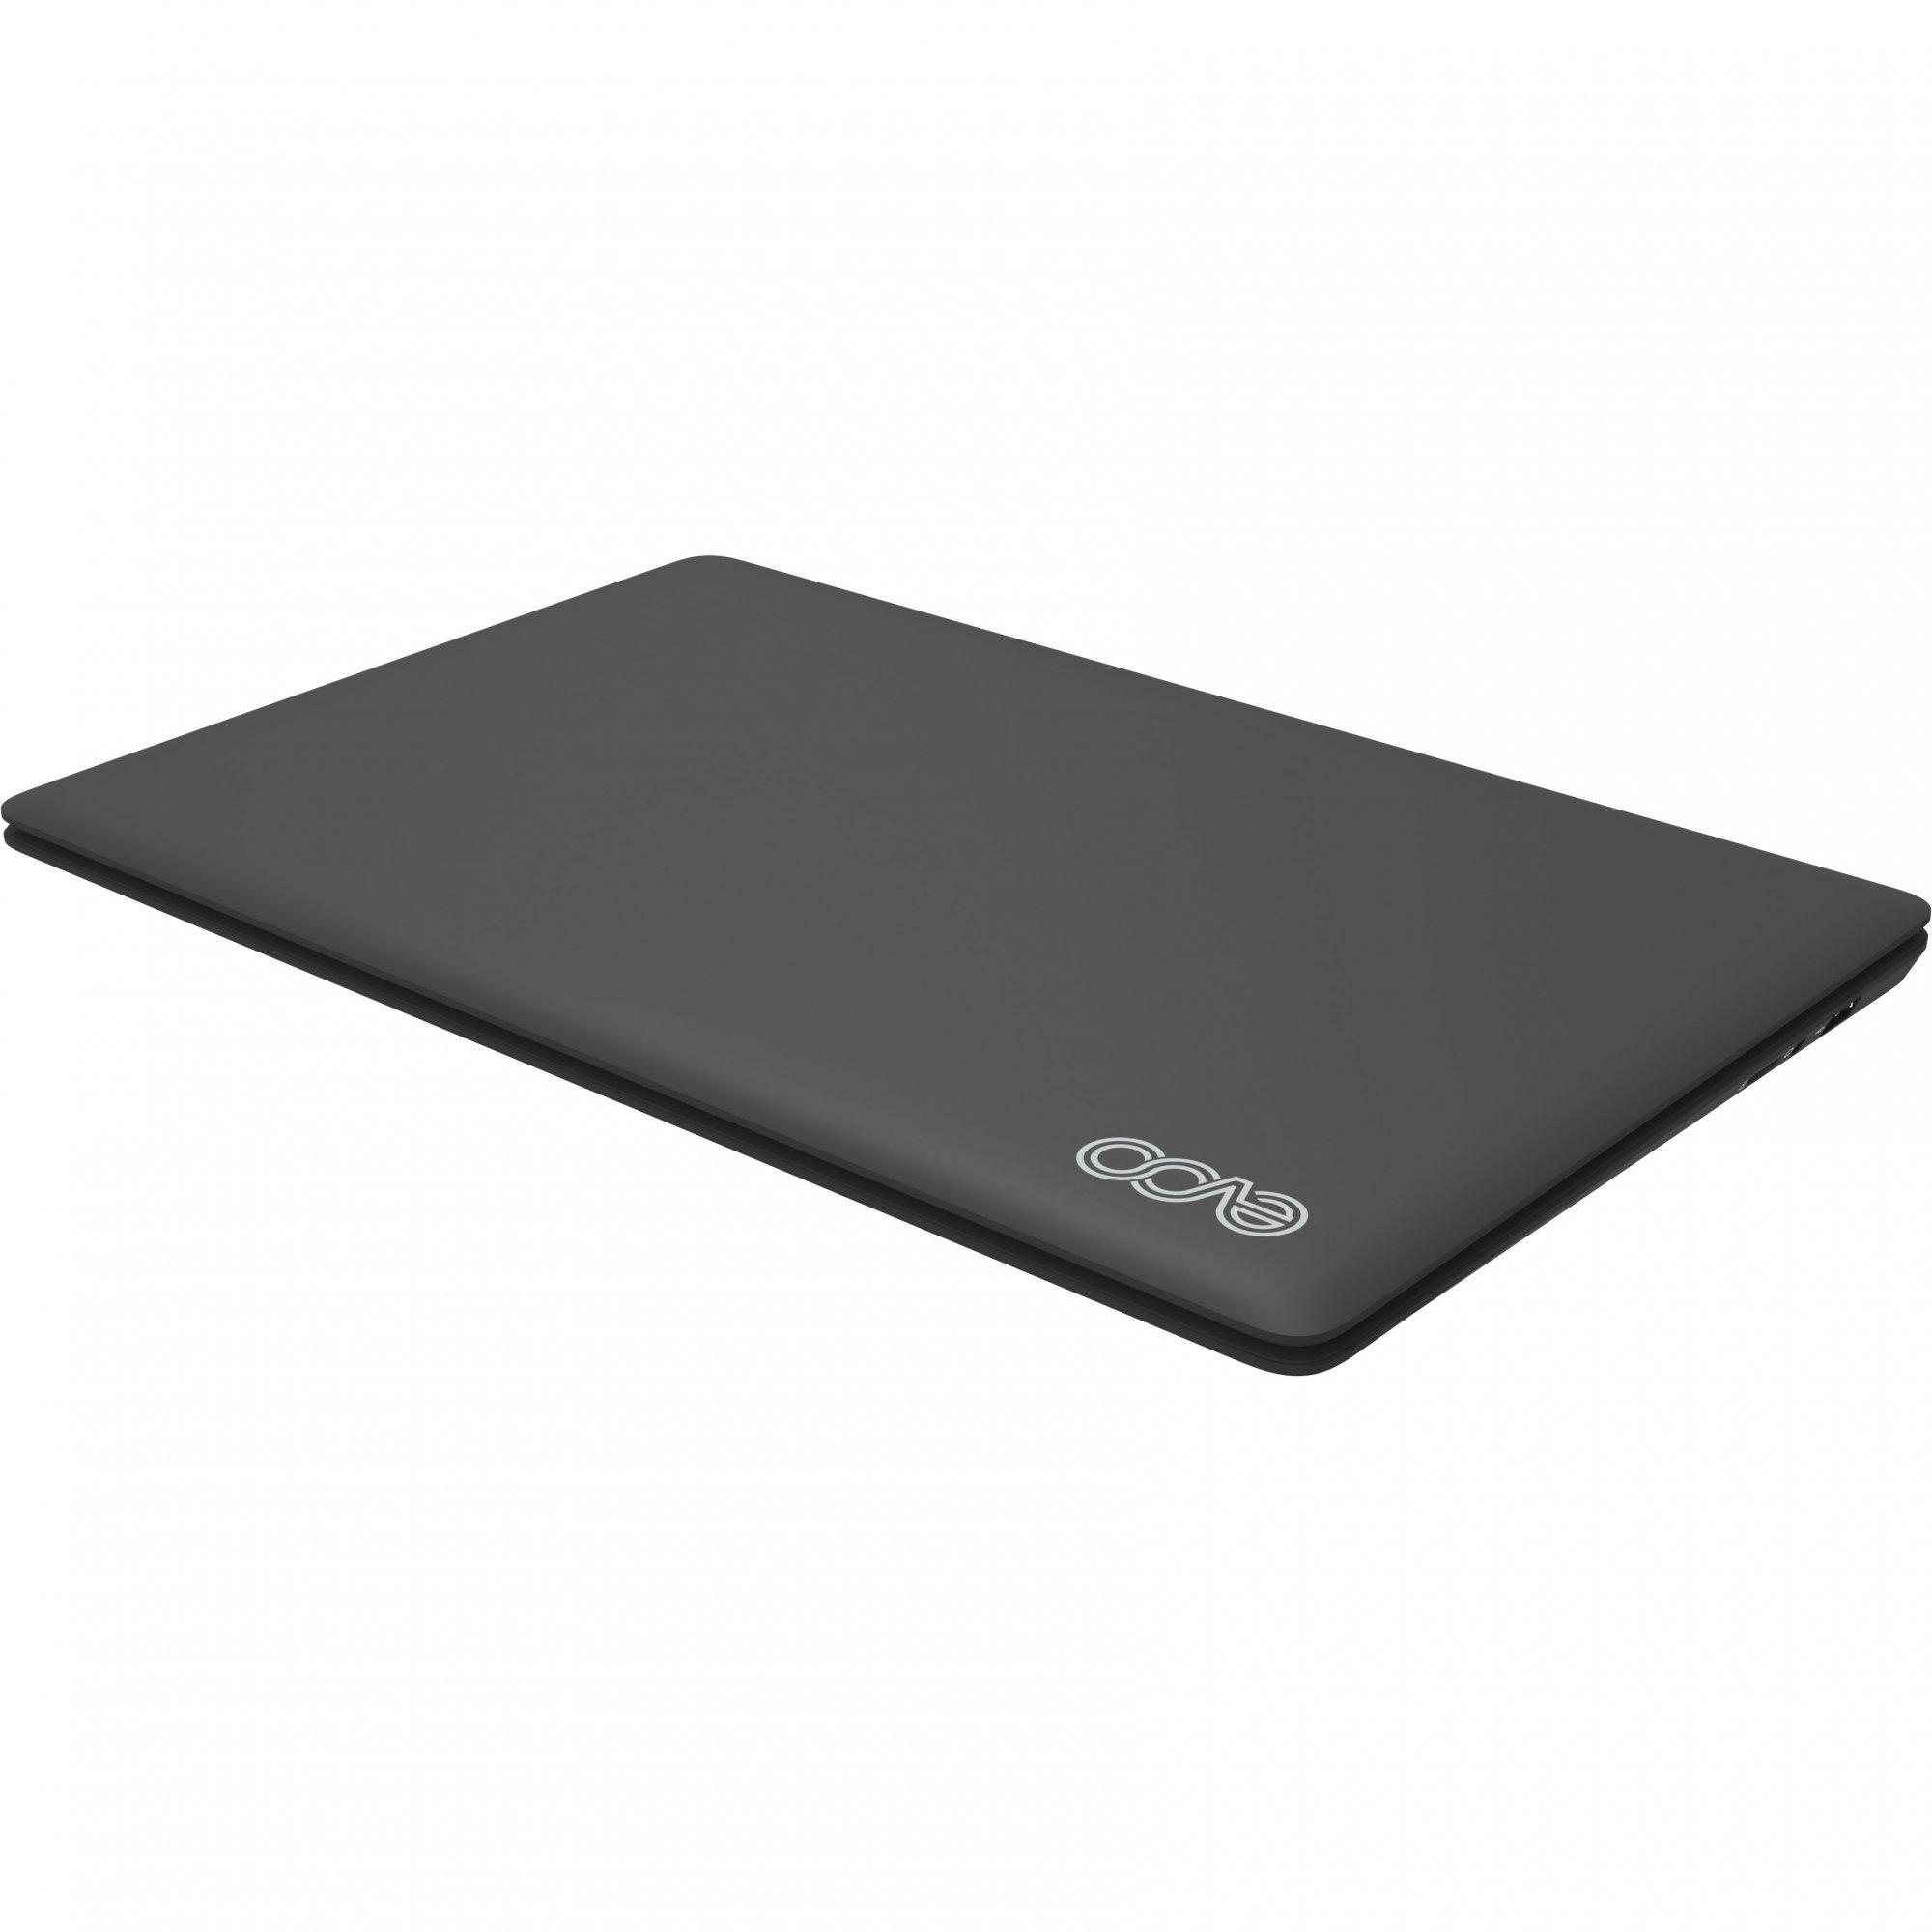 notebook evoo ultra thin evc156 2bk intel i7 7560u 8gb 256ssd 156 preto w10 51146 2000 203415 2